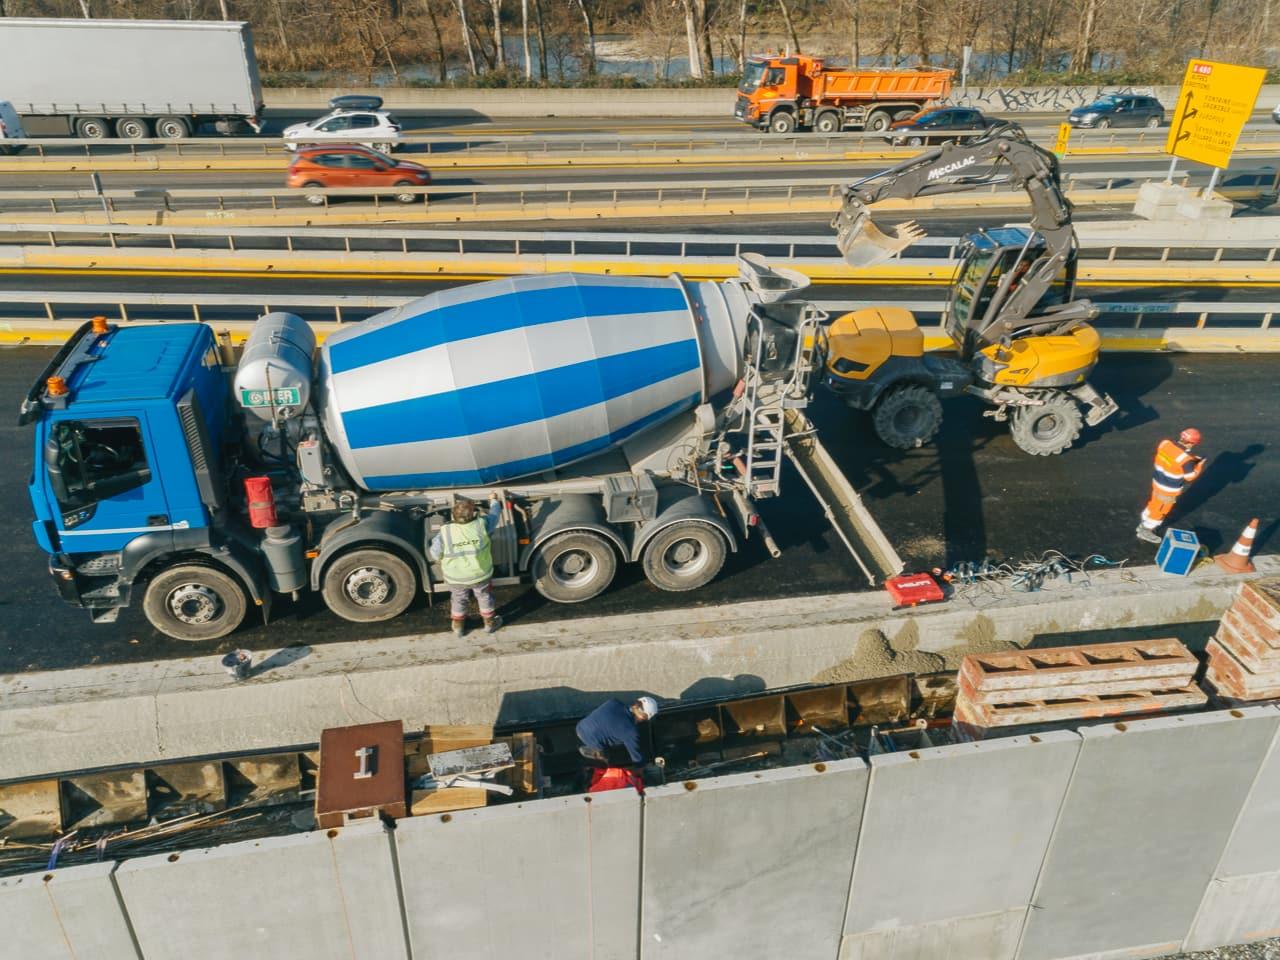 à Grenoble, travaux sur l'autoroute A480 par les équipes d'AREA